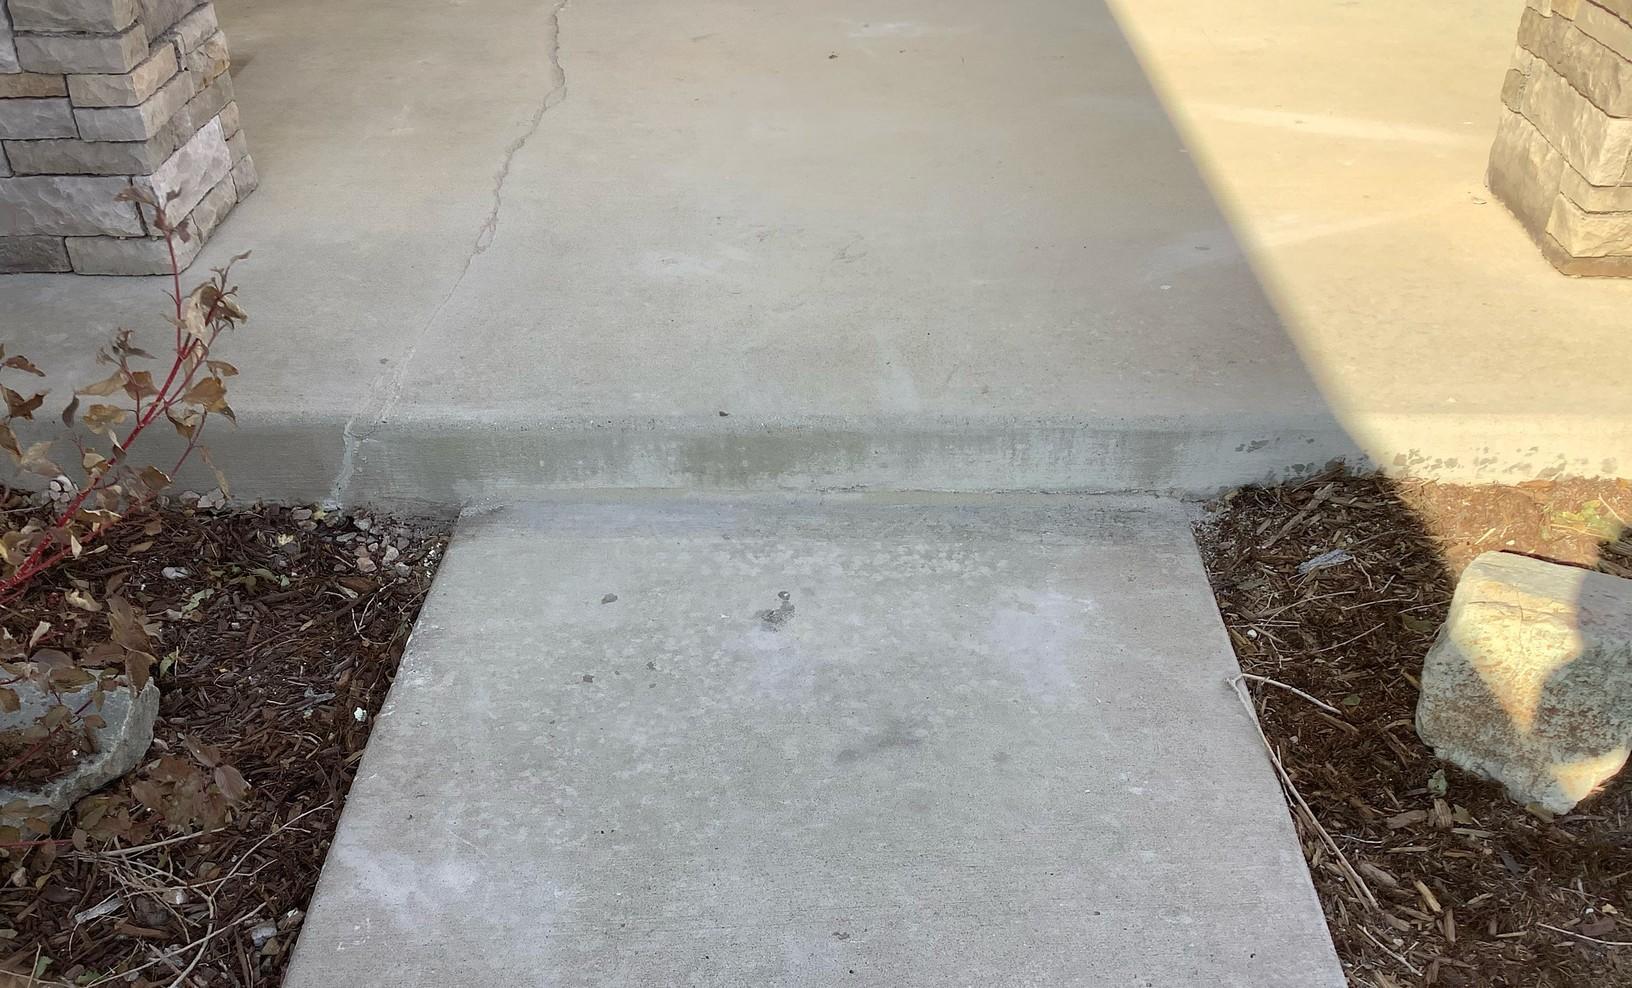 After photo of sunken sidewalk